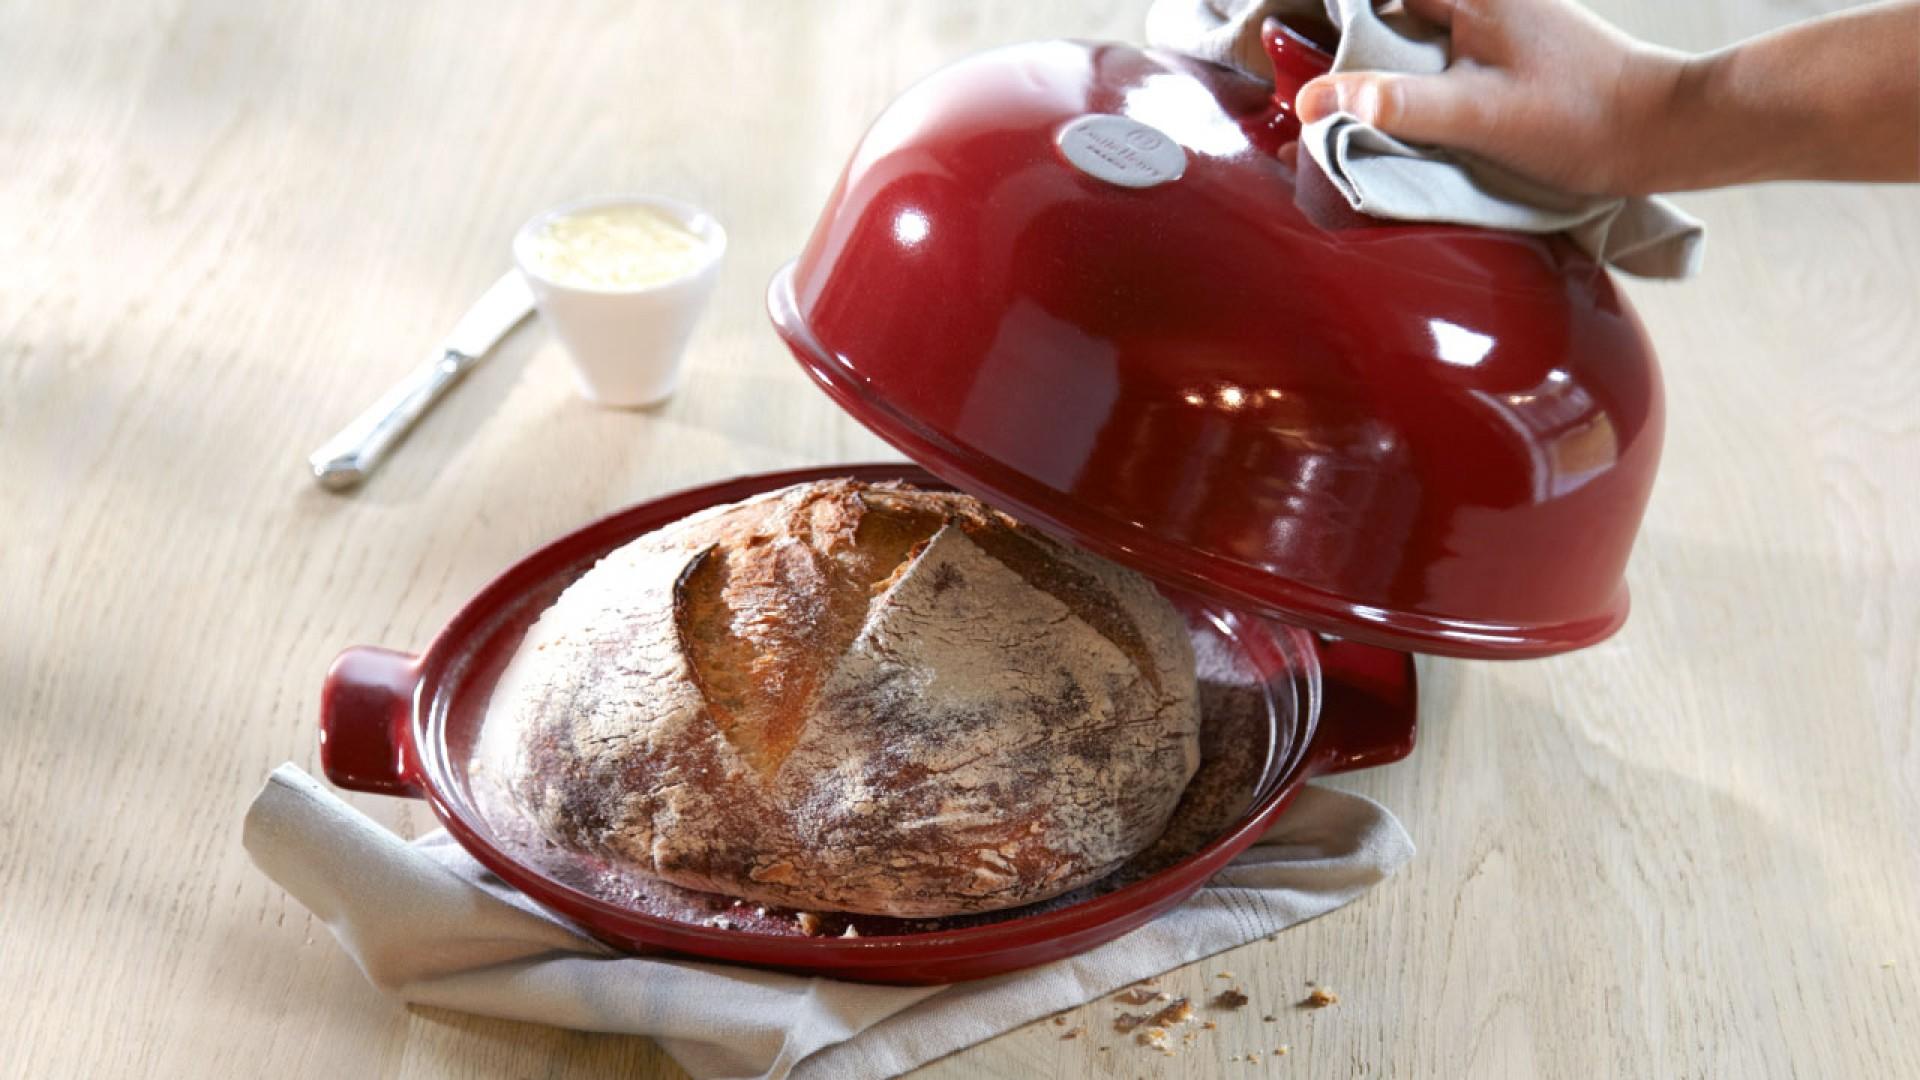 Съд за печене на хляб Emile Henry